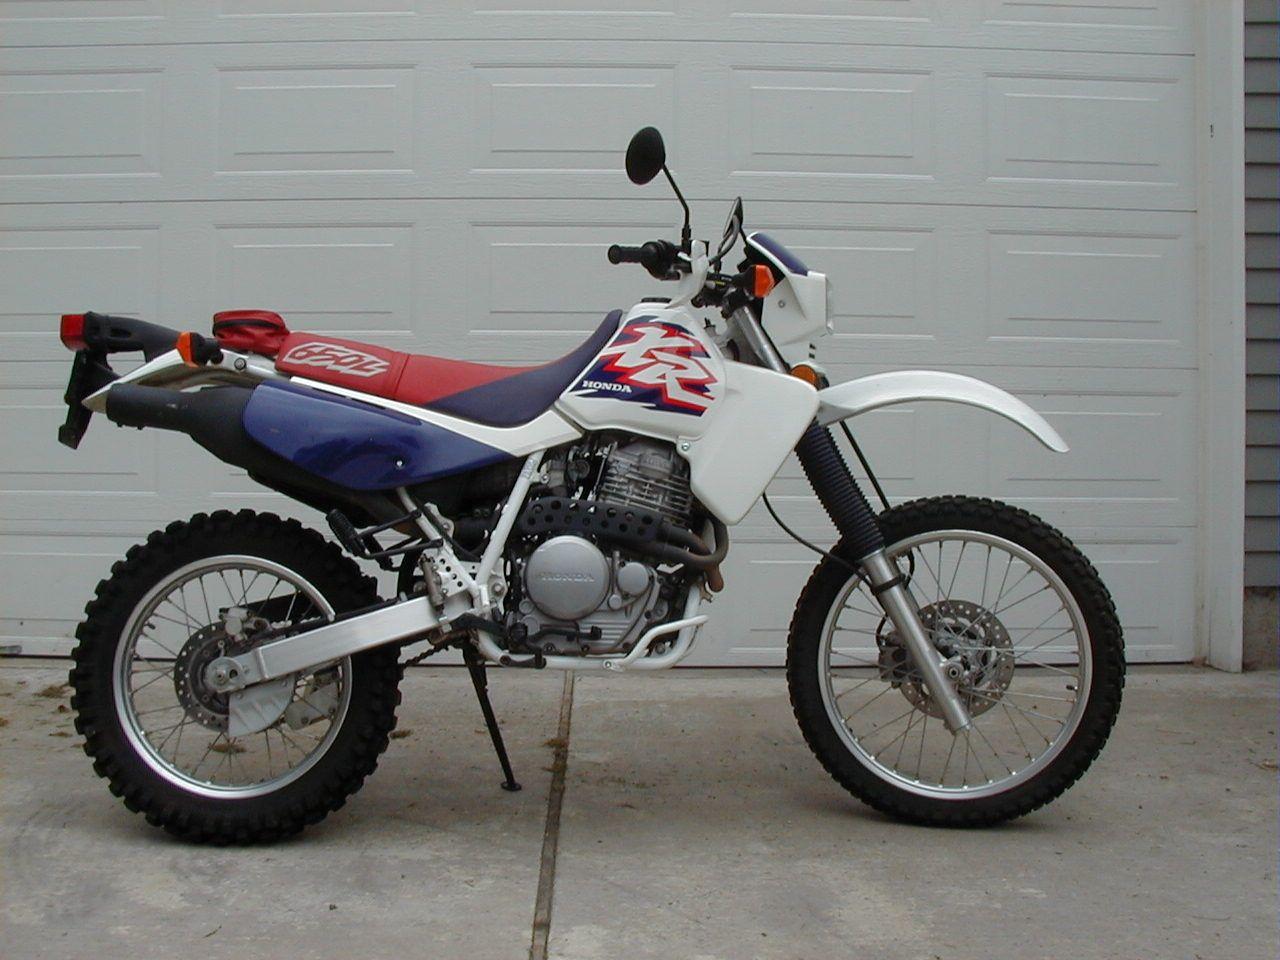 Honda xr650l 08 jpg 1 280 960 pixels hadone of these in